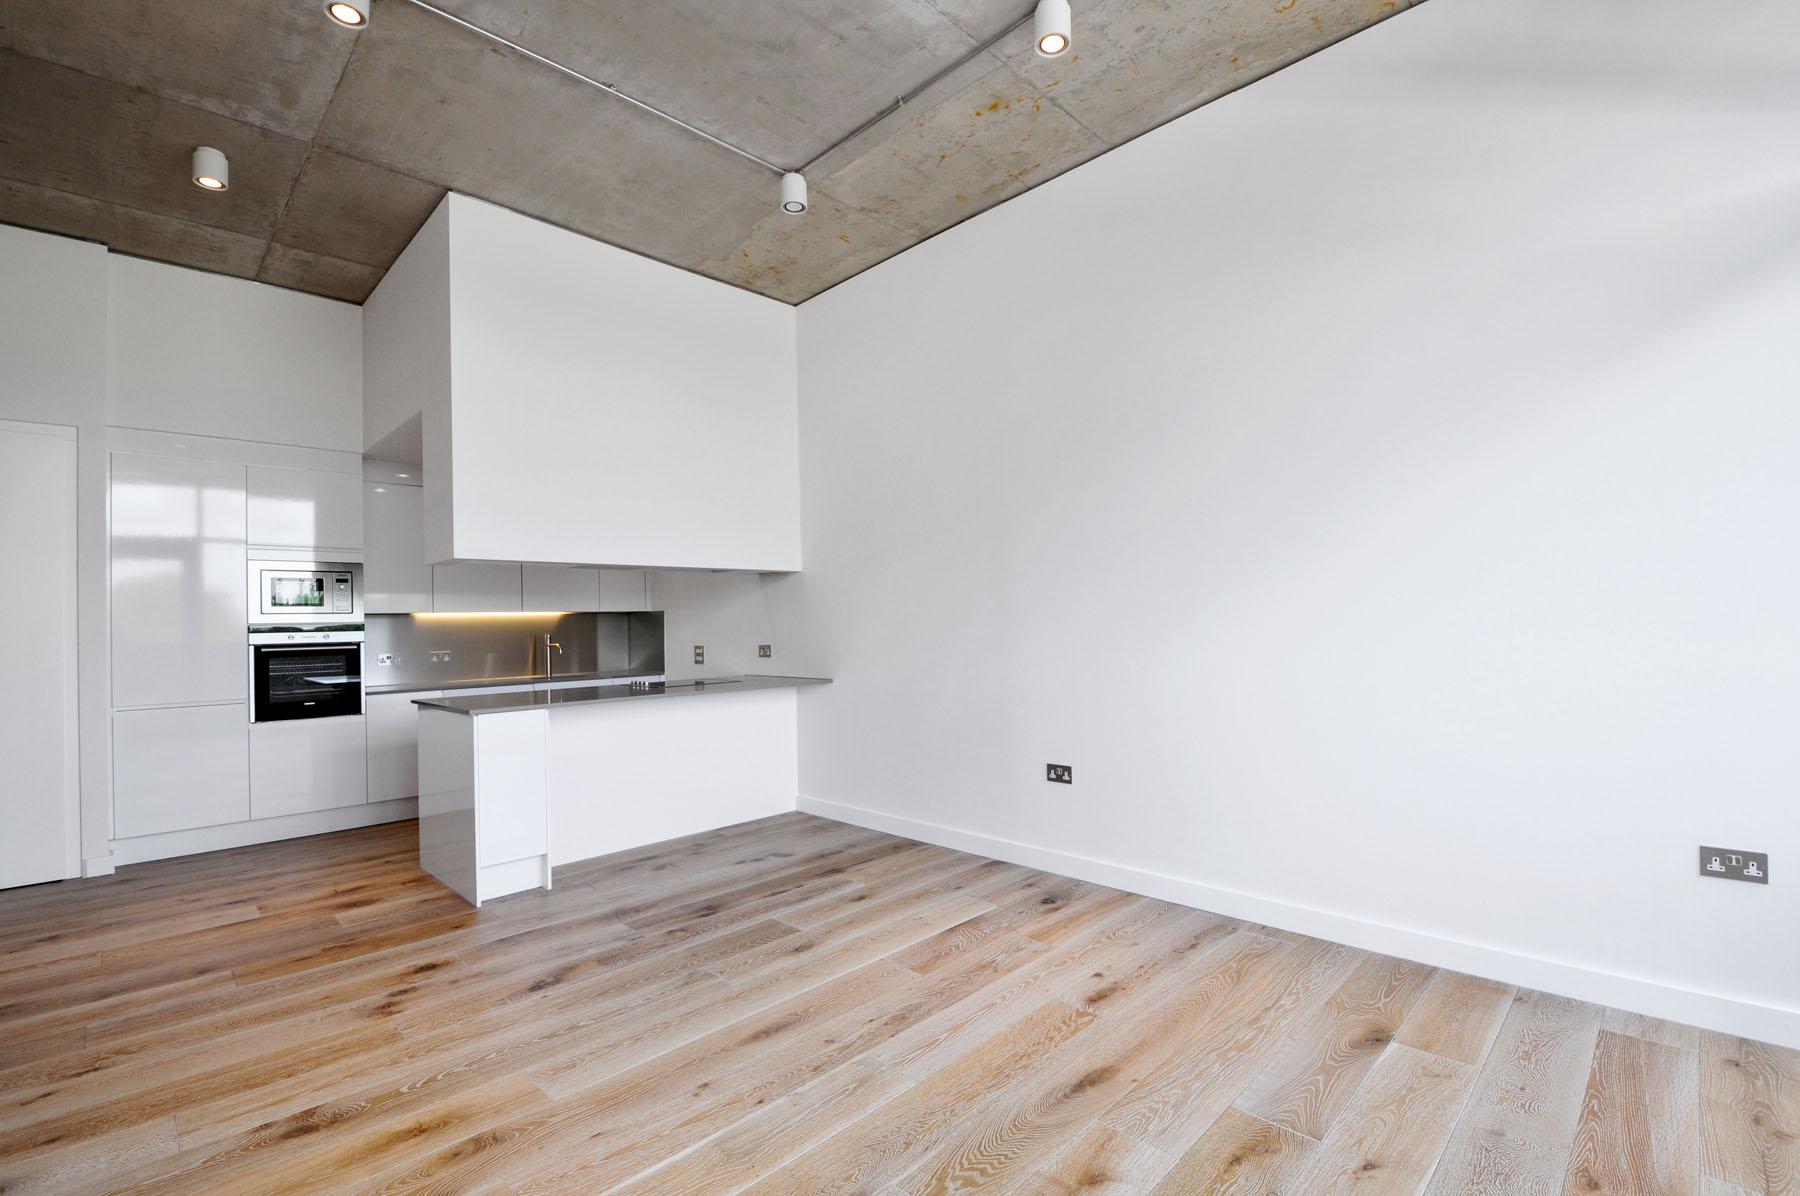 Warehaus,Kitchen